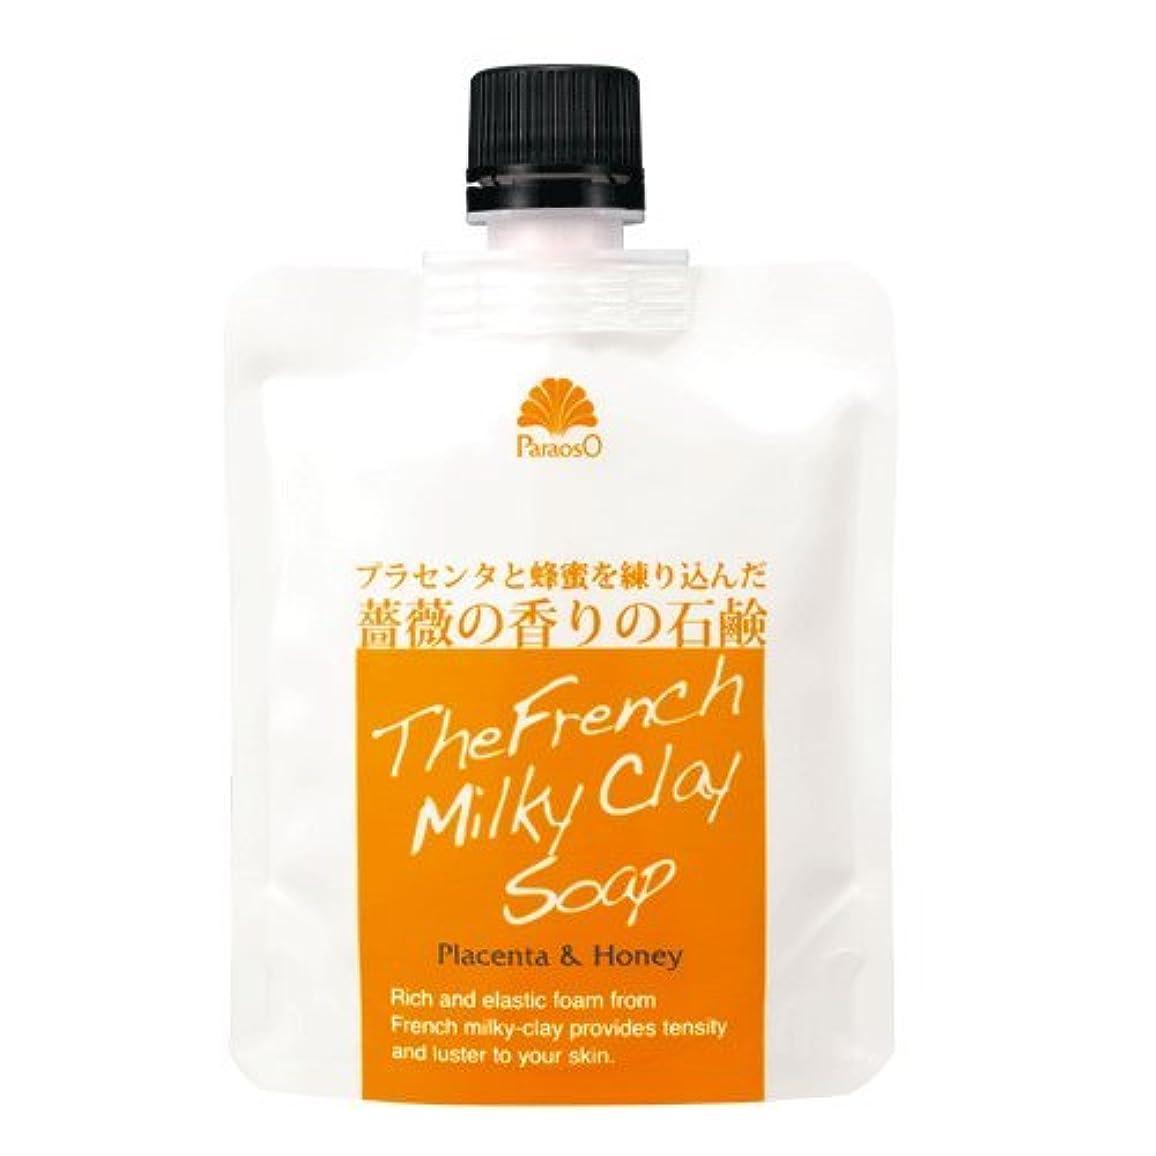 同時革新リハーサルプラセンタと蜂蜜を練り込んだ薔薇の香りの生石鹸 パラオソフレンチクレイソープ 1個